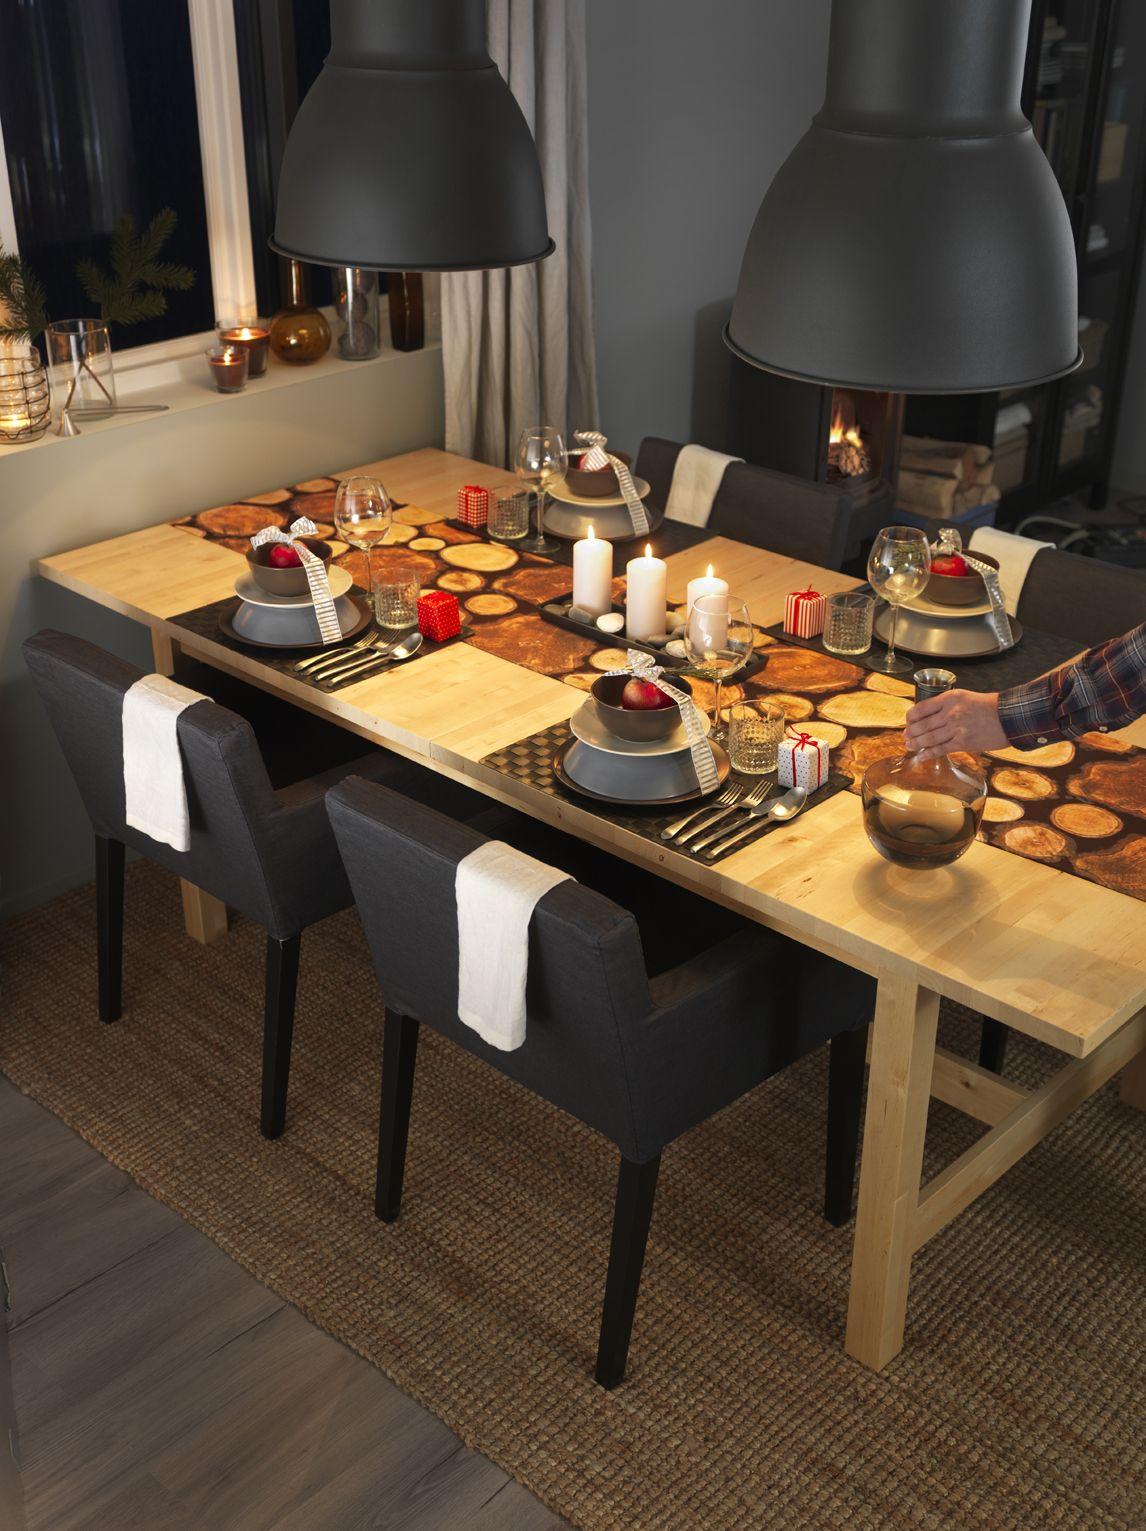 weihnachten bei karin weihnachten wohnzimmer geschirr weihnachten und ikea esszimmer. Black Bedroom Furniture Sets. Home Design Ideas